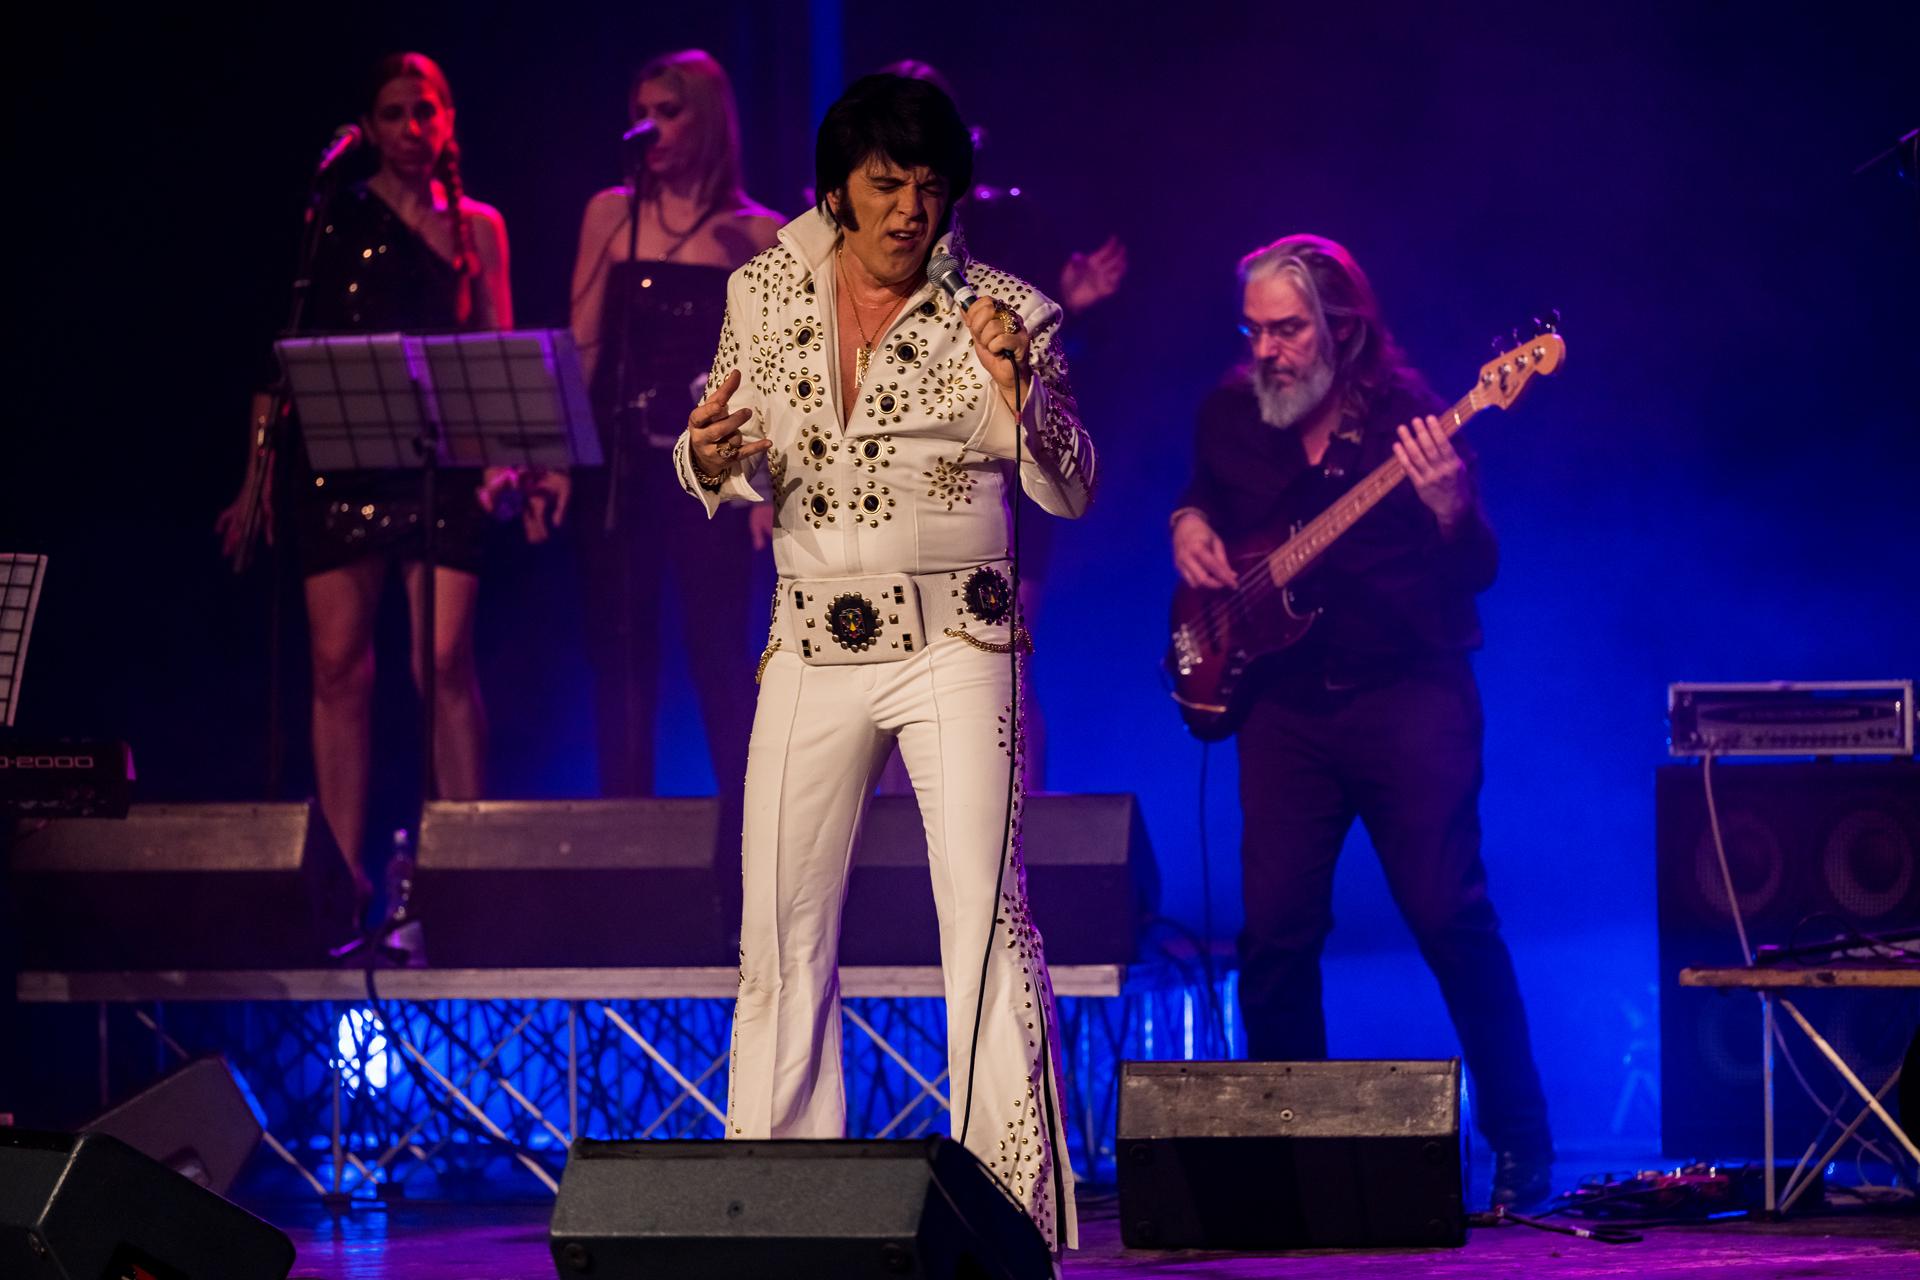 2020_01_14-we4show-Elvis-©-Luca-Vantusso-213740-GFXS2228